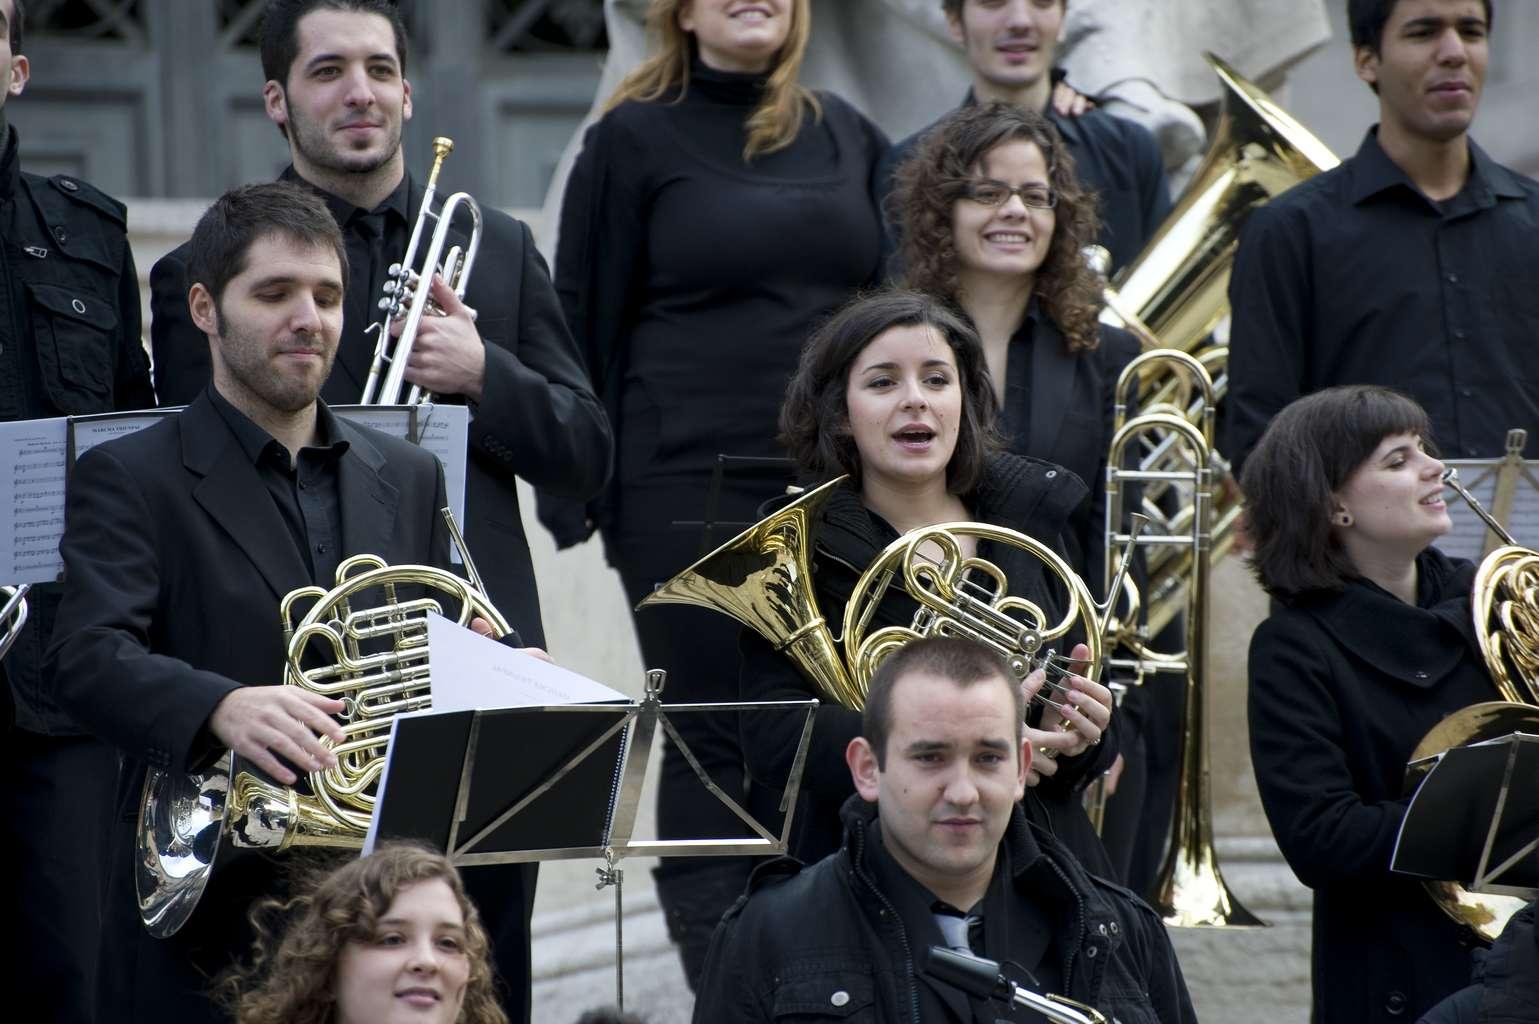 Jornadas de puertas abiertas para ingresar en el Real Conservatorio Superior de Madrid